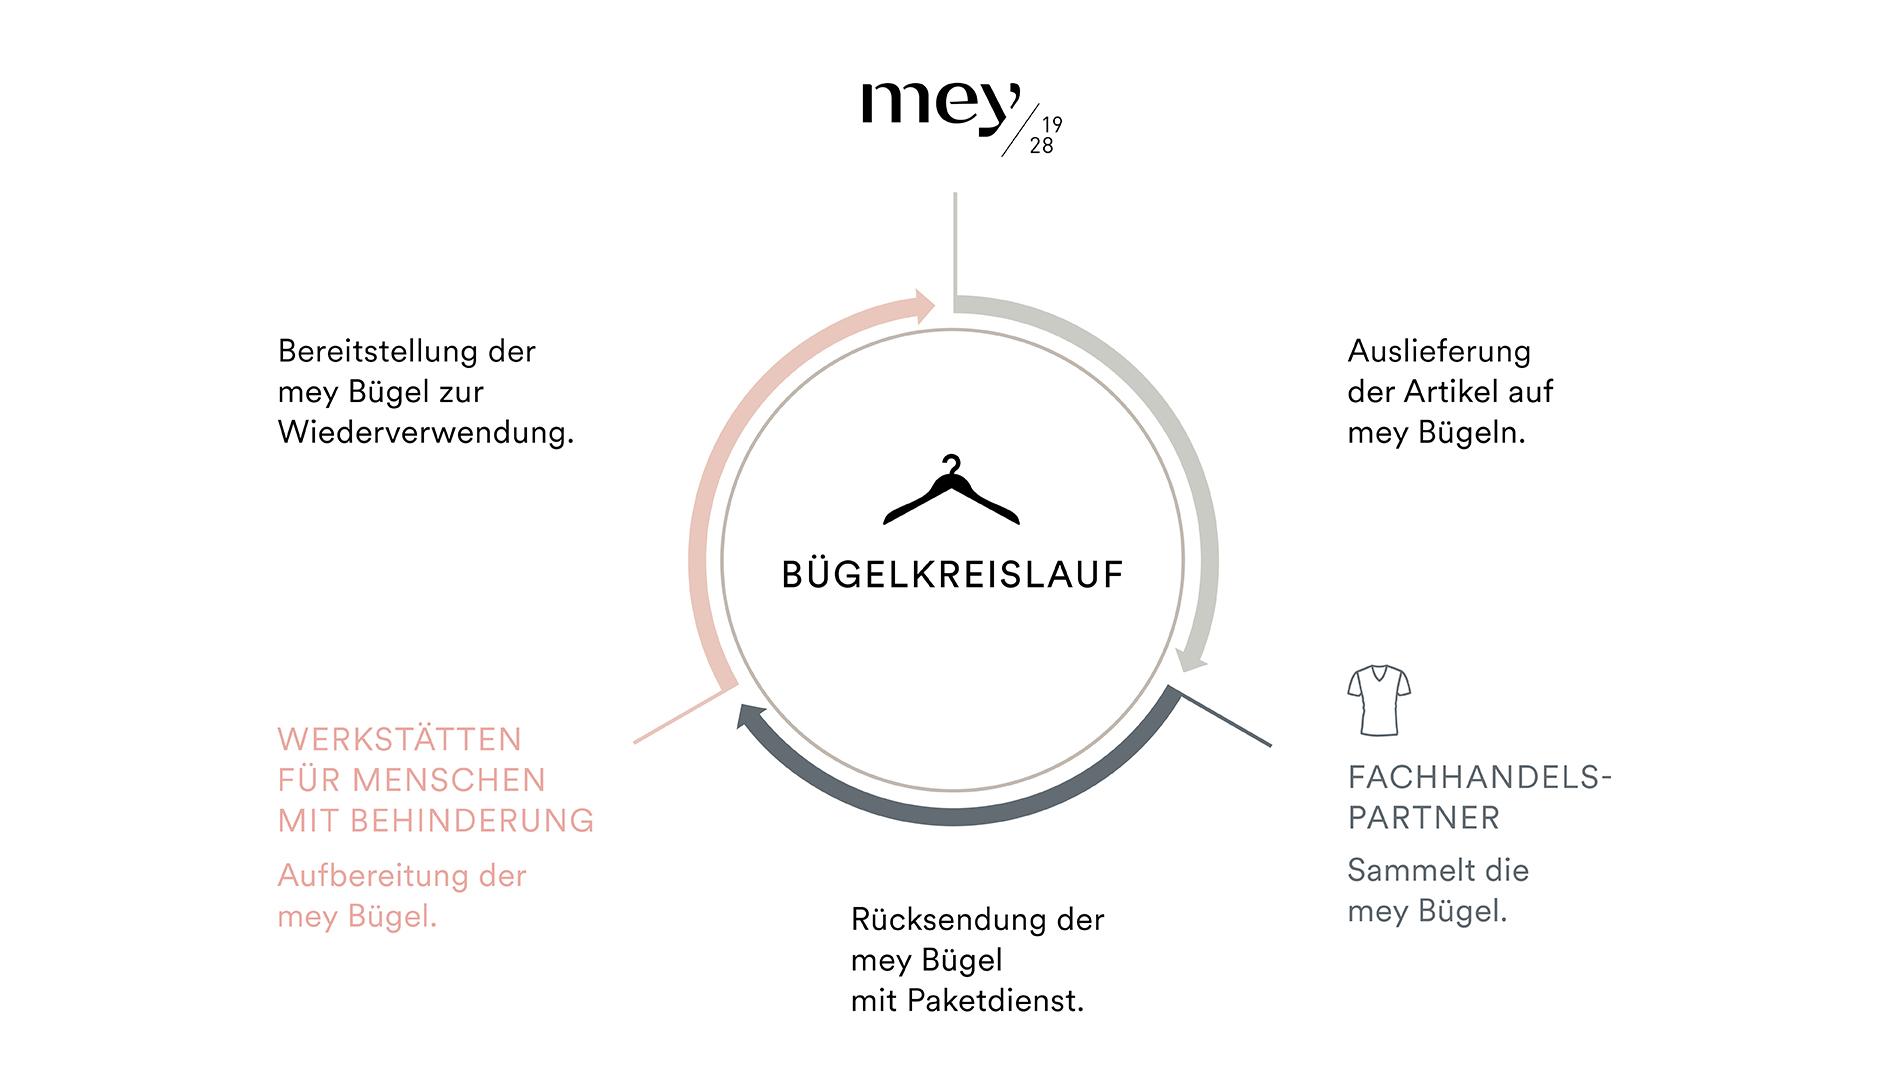 Grafik zum Bügelkreislauf, es werden die einzelnen Schritte als Kreislauf dargestellt | mey®